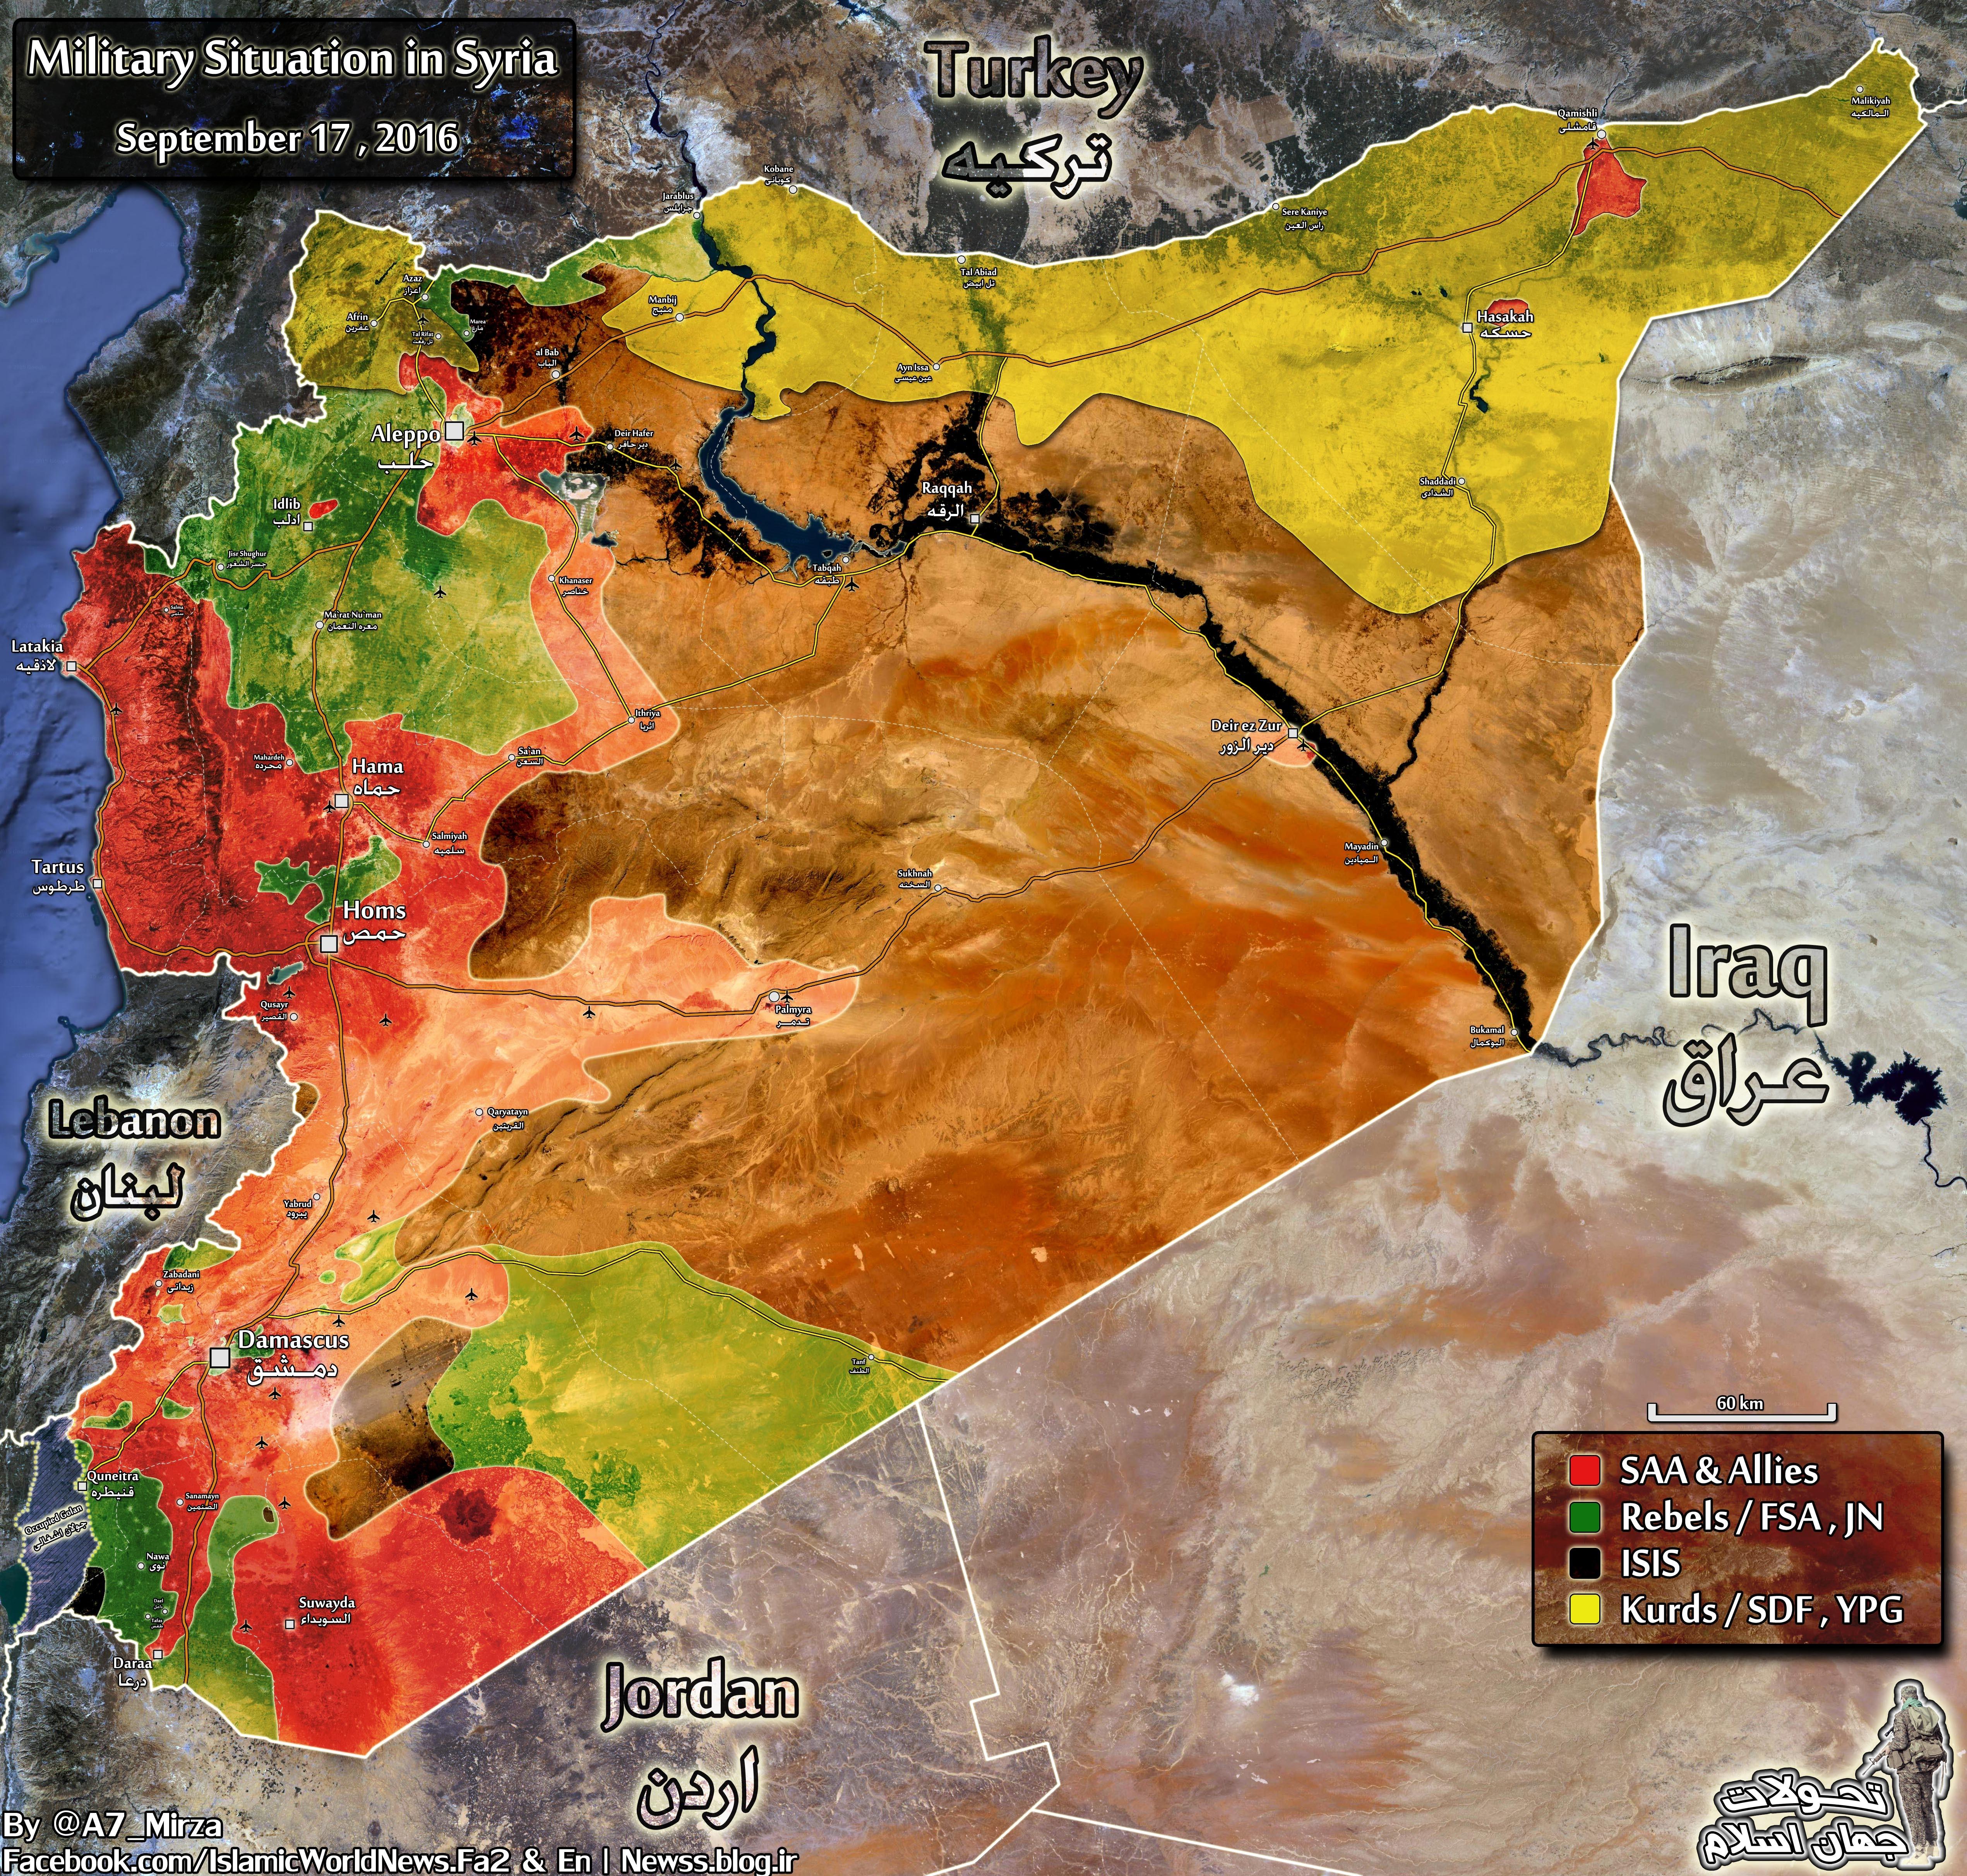 Syrien Karte 2016.Karte Militarische Lage In Syrien 17 September 2016